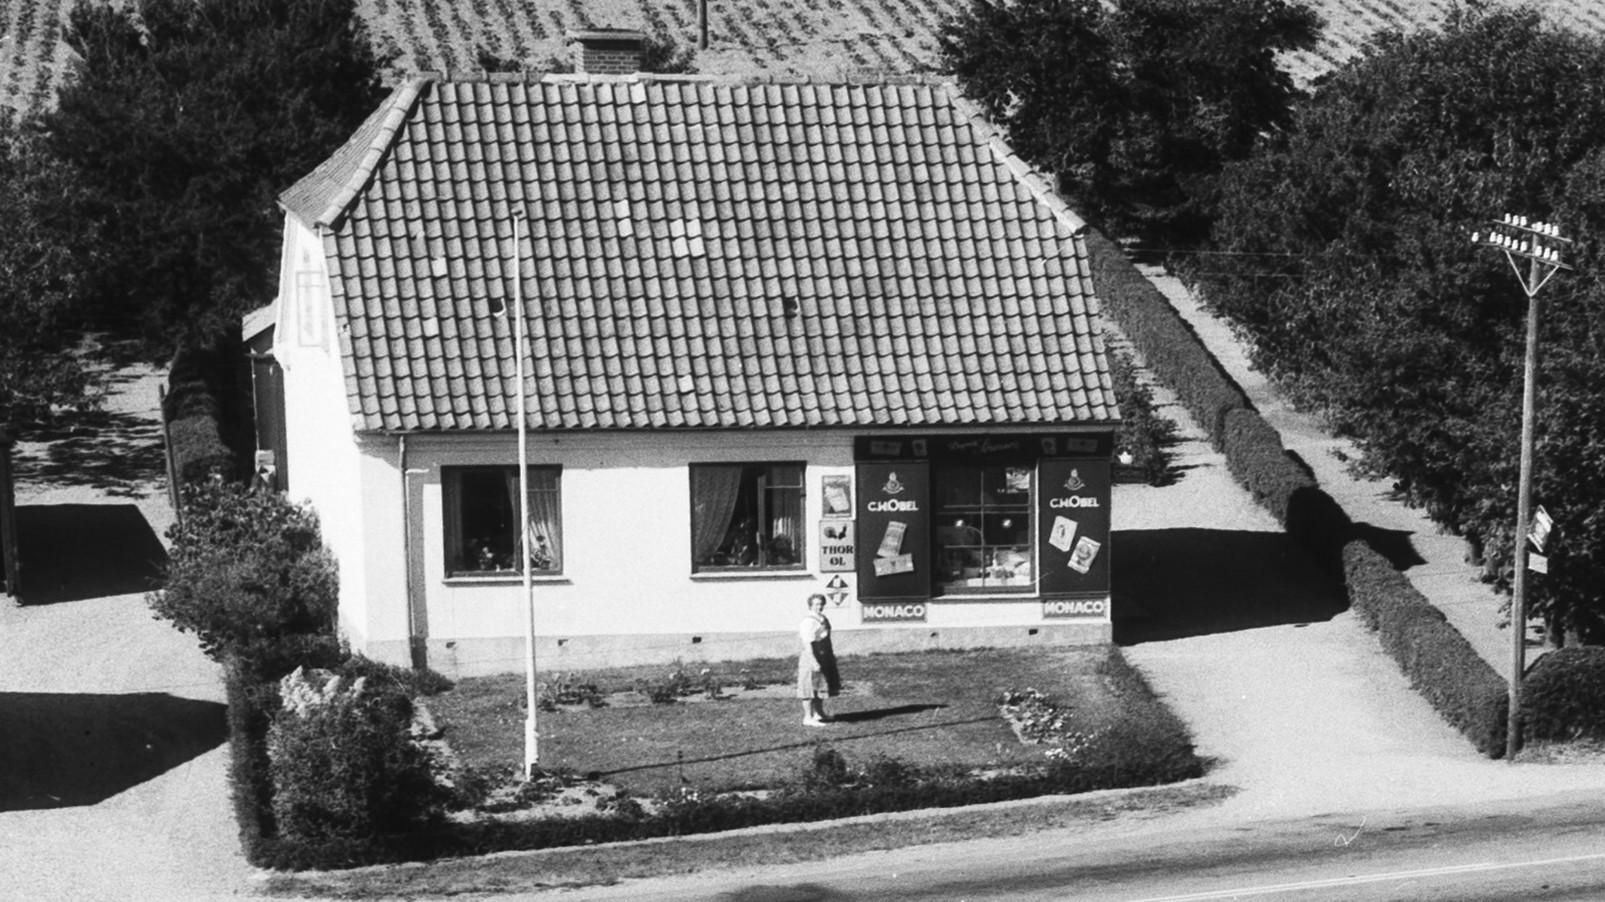 Købmand_Slyngborg_1959_udsnit.jpg